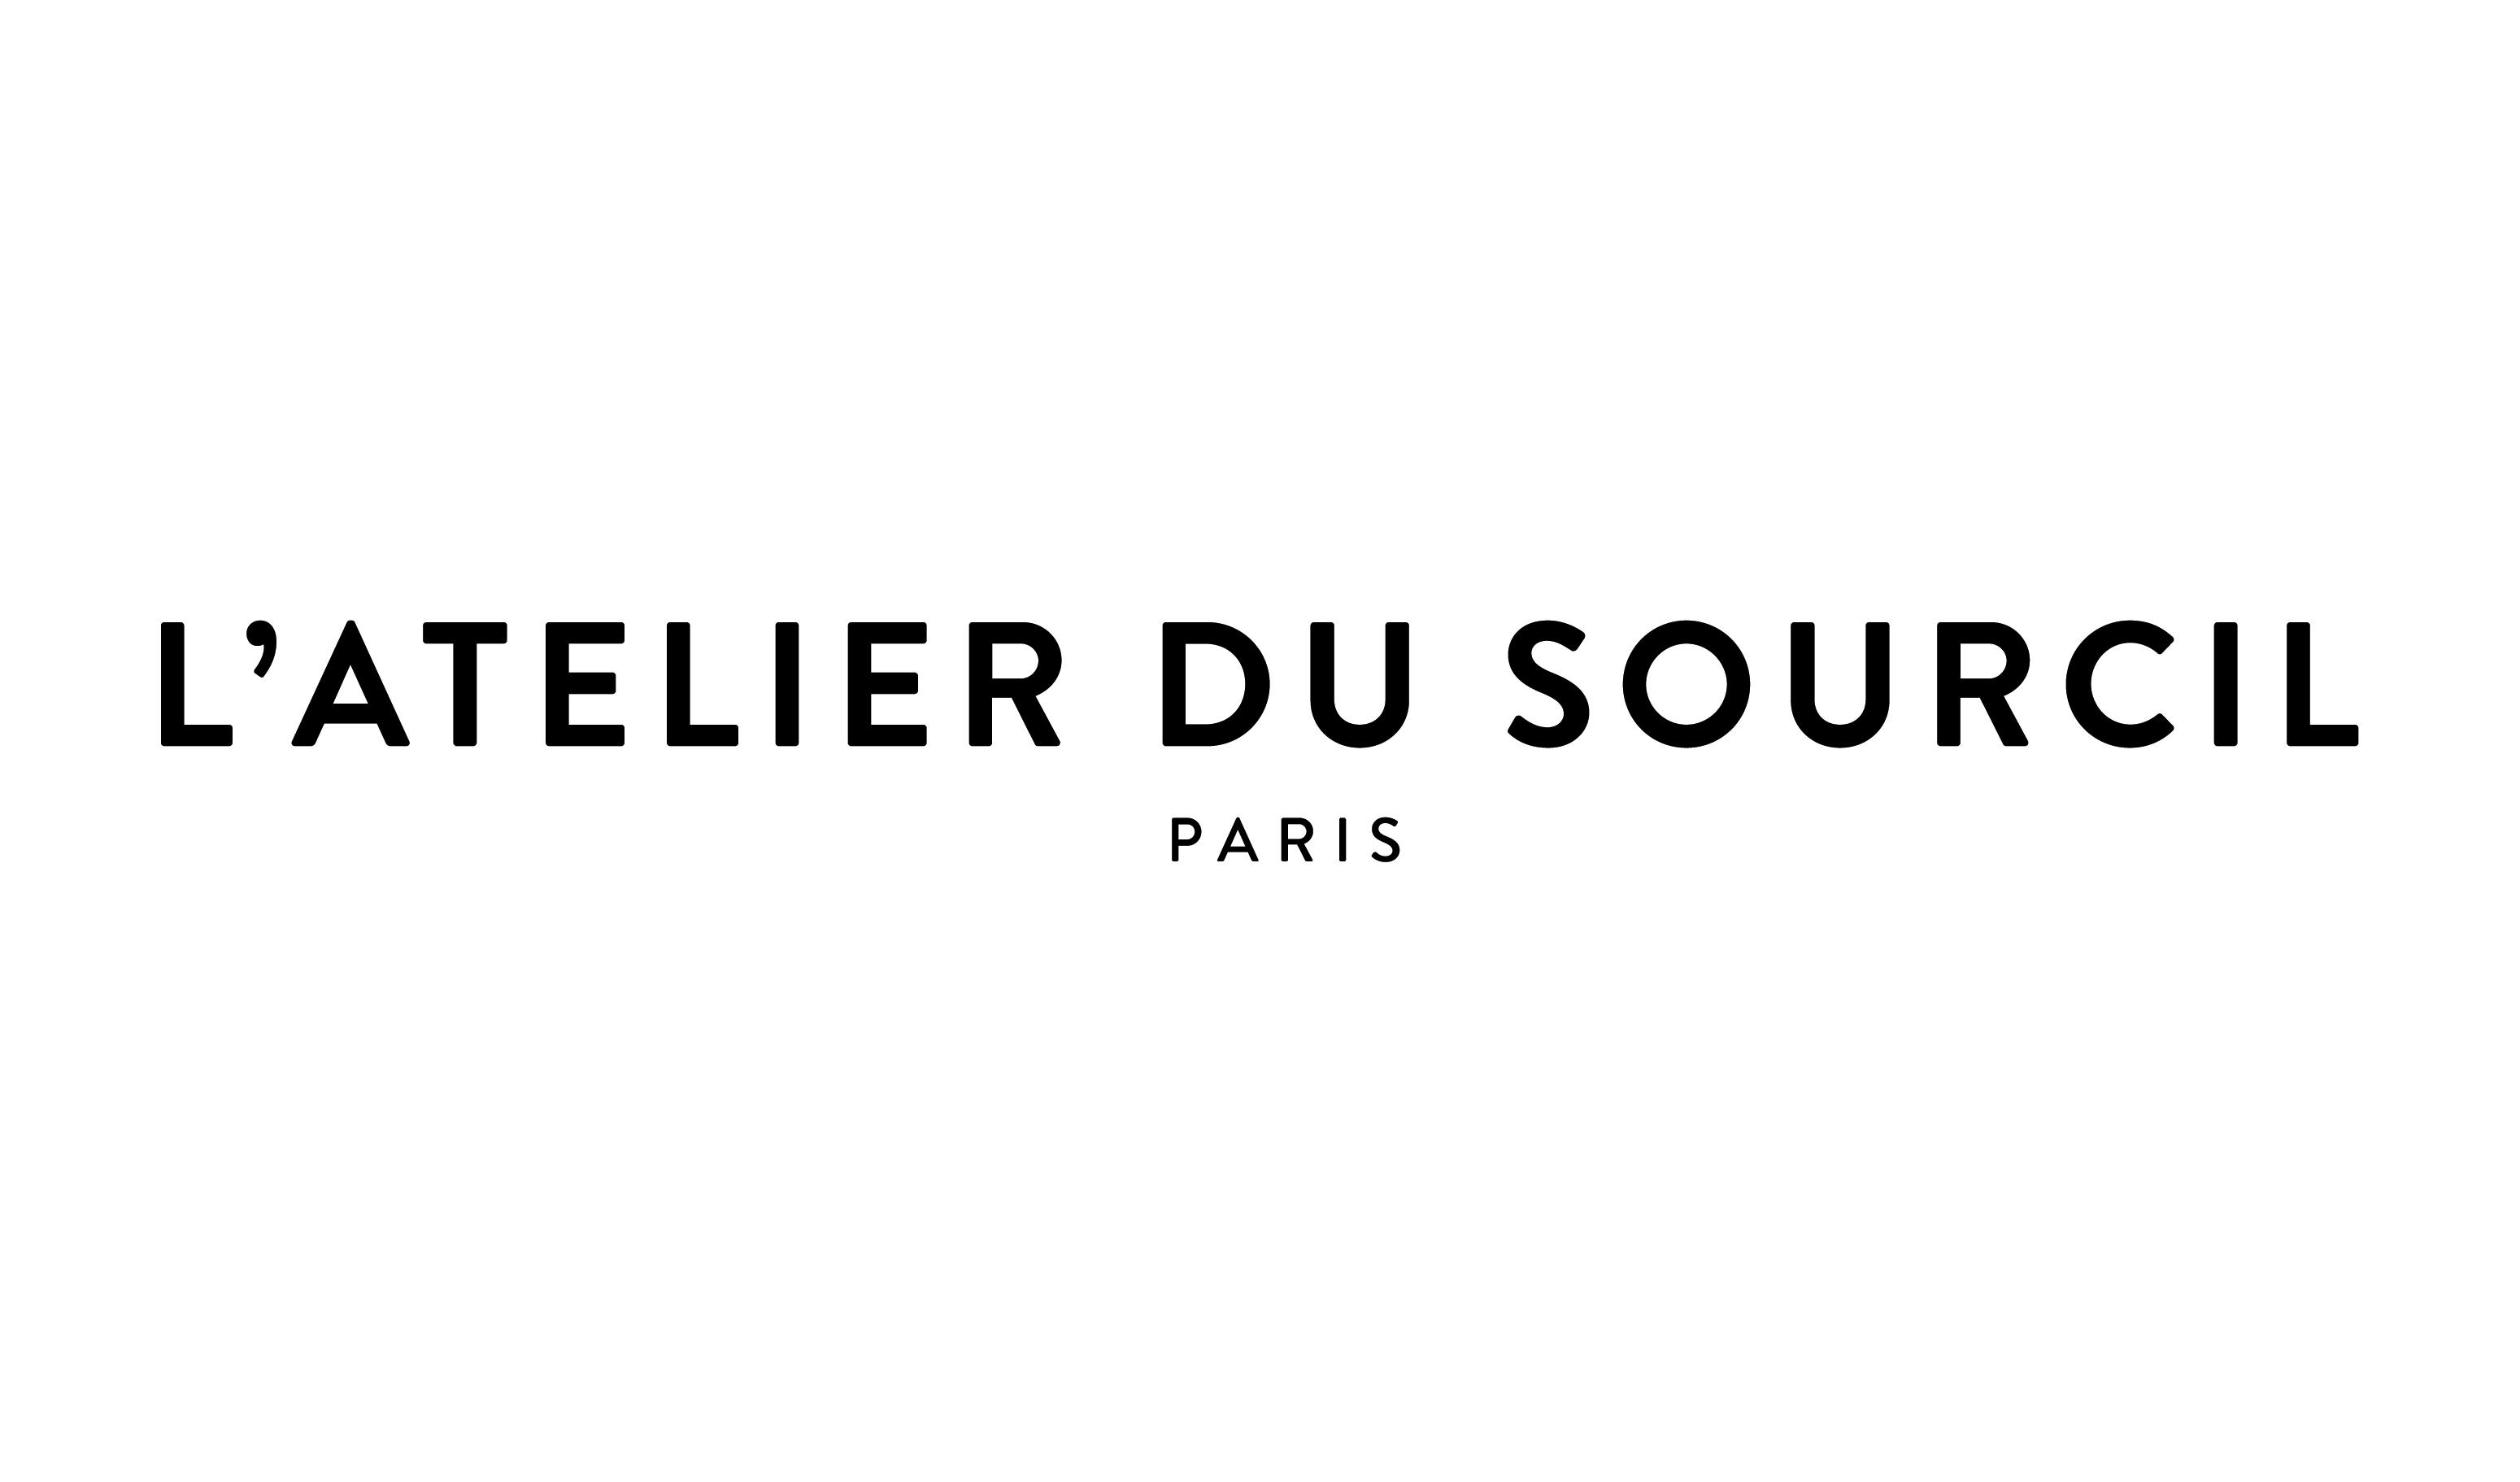 L'Atelier du Sourcil - Boulogne-Billancourt institut de beauté